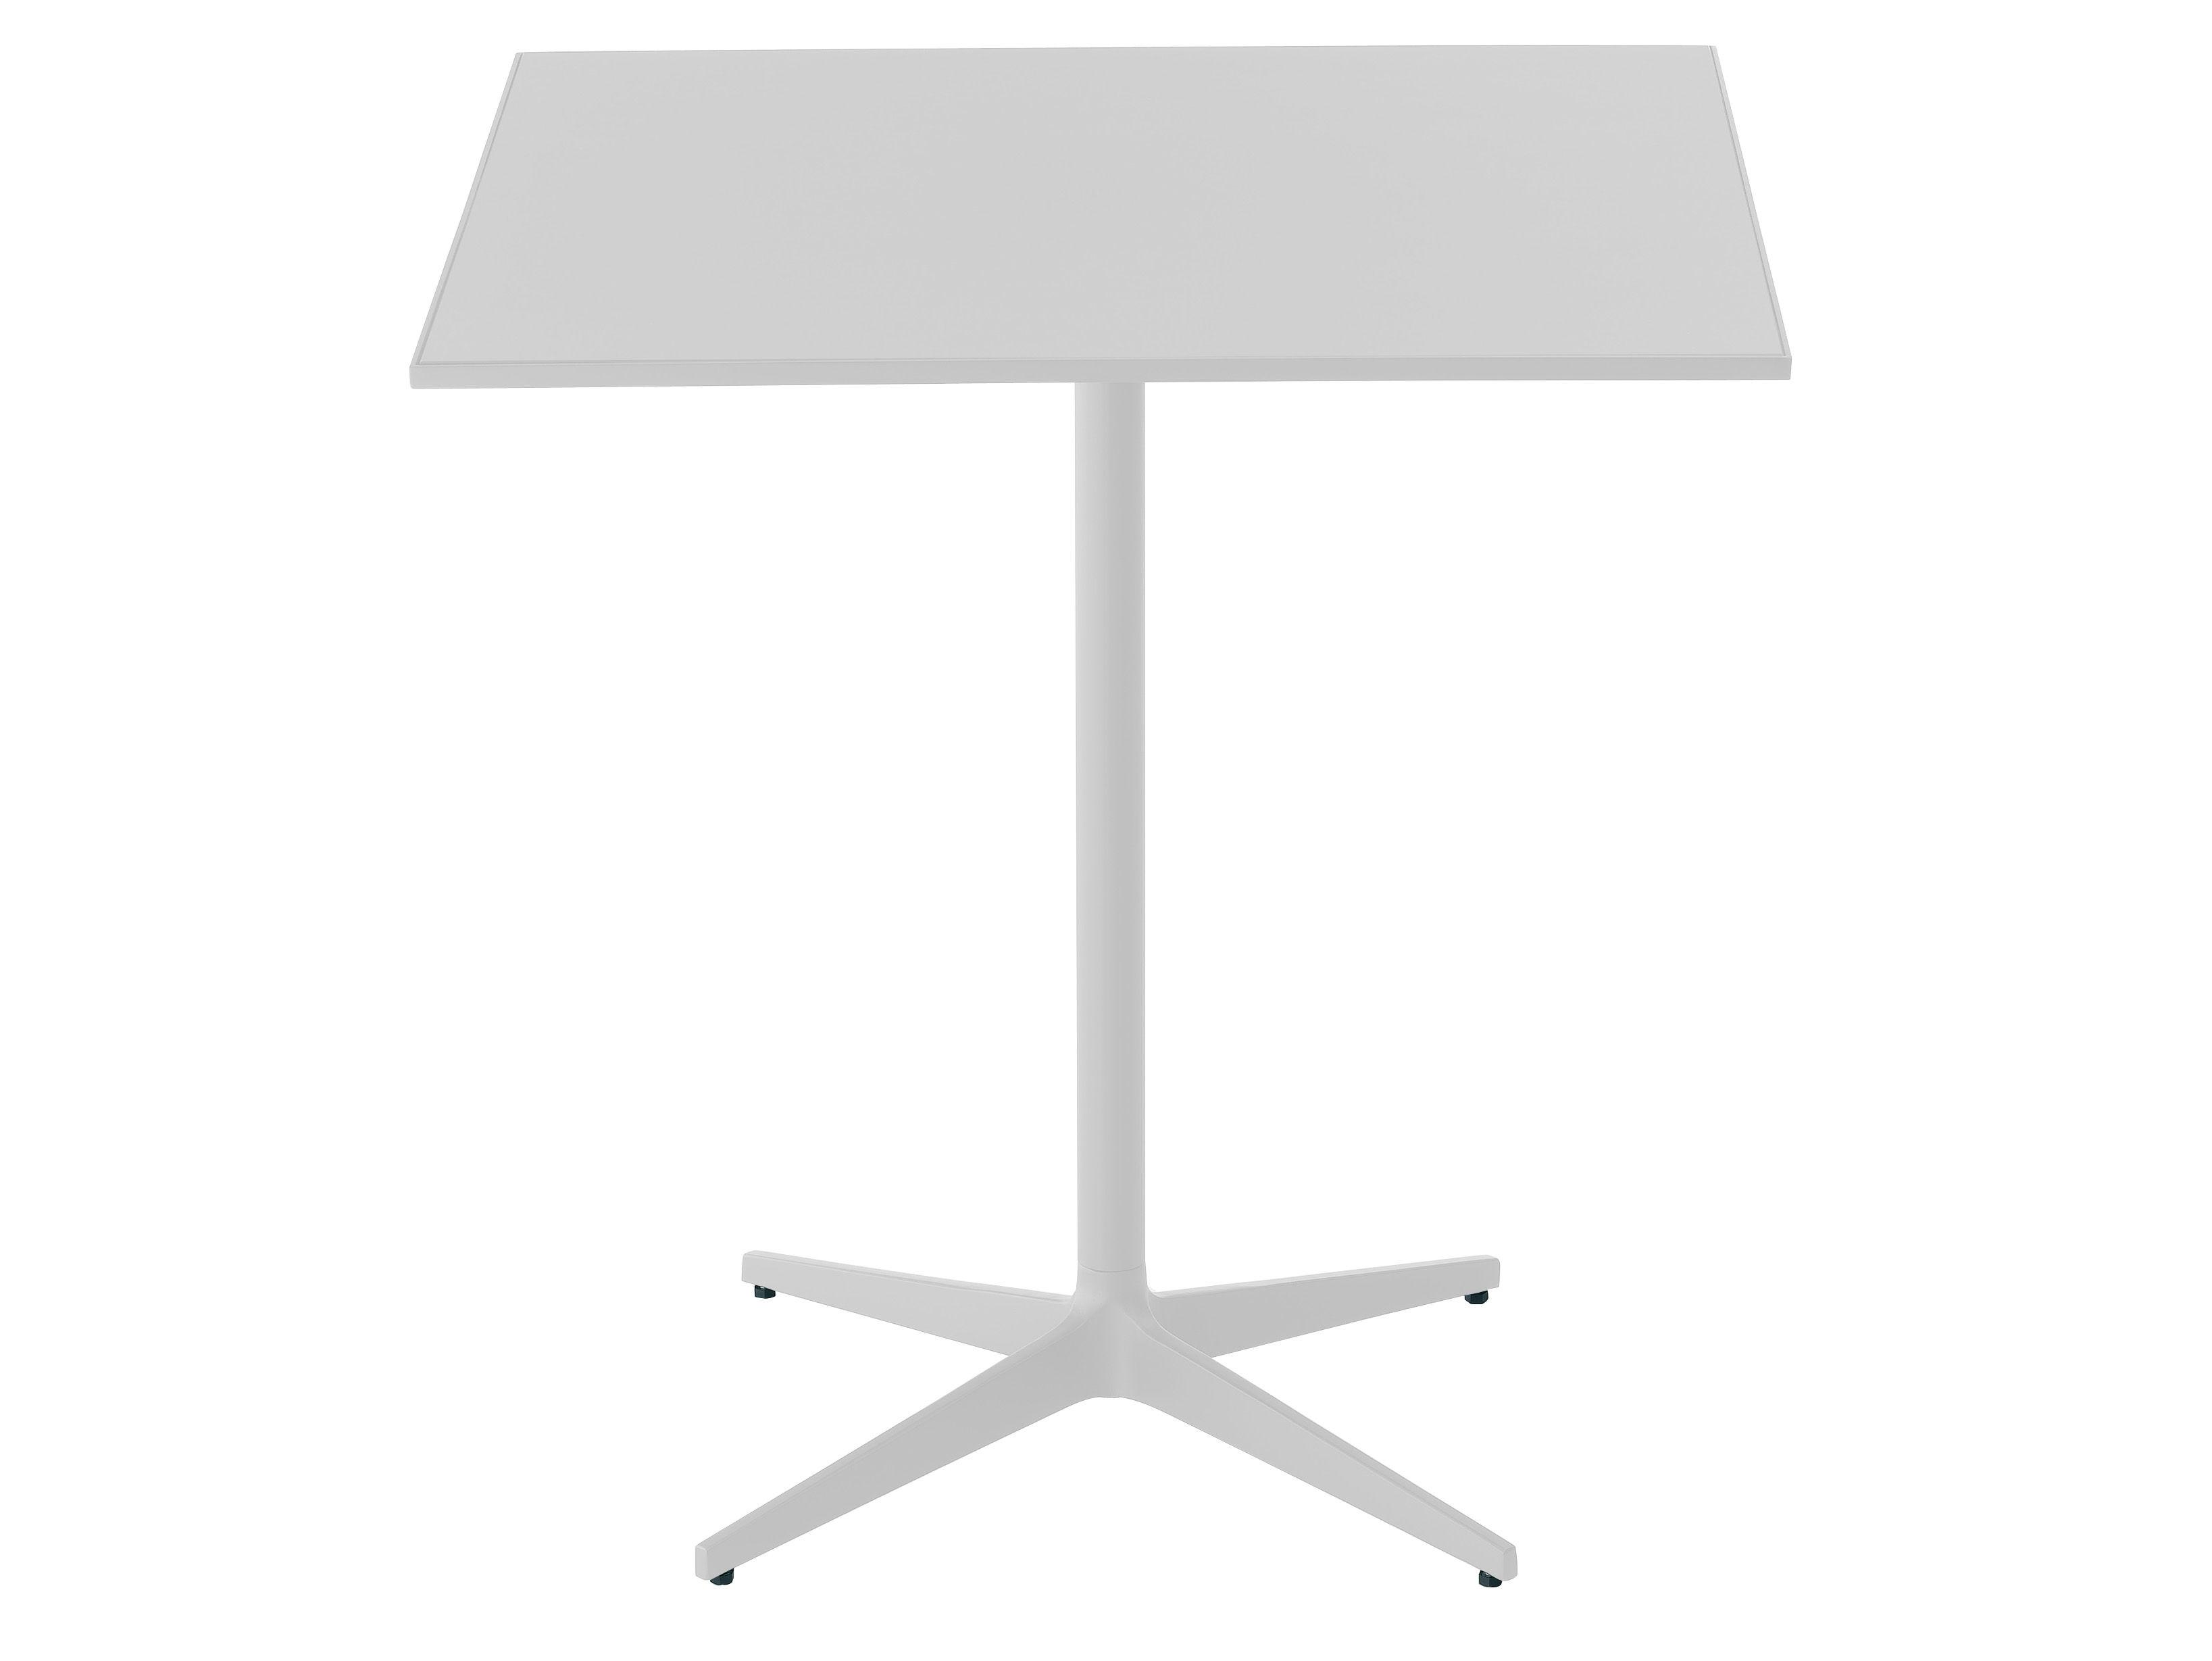 Mobilier - Tables - Table carrée T / 70 x 70 cm - MDF Italia - Blanc - Acier laqué, Résine